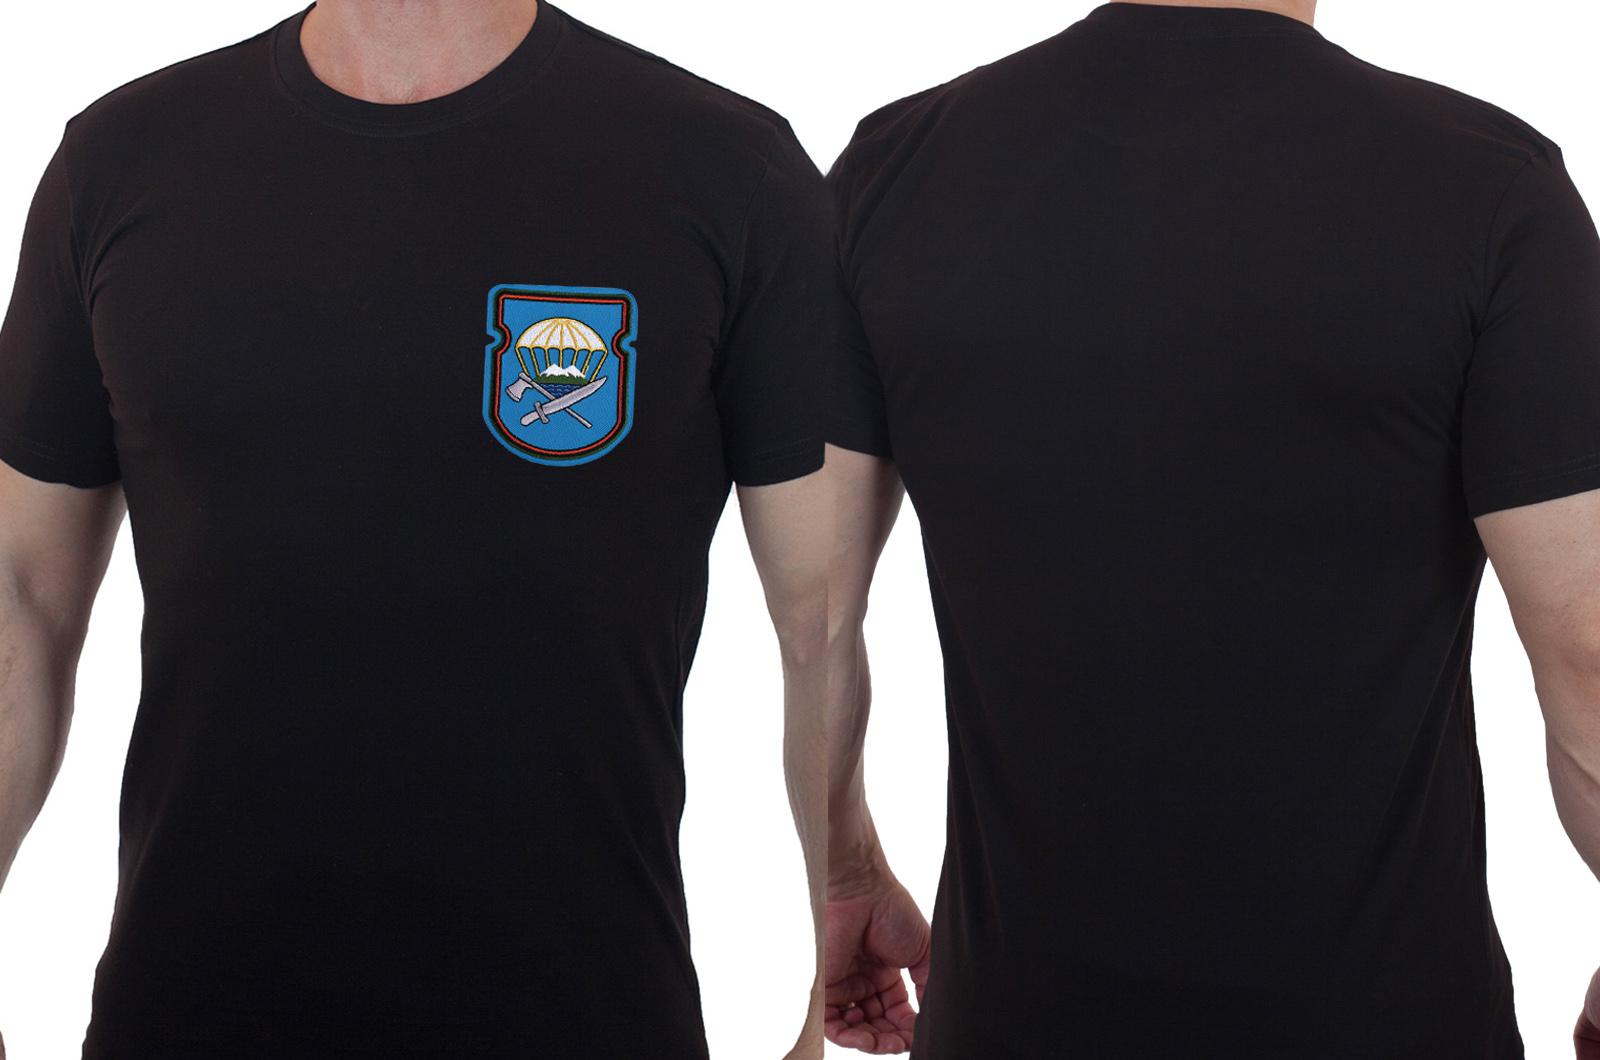 Строгая хлопковая футболка с вышитым знаком ВДВ 629-й ОИСБ 7-ой ДШД - купить онлайн